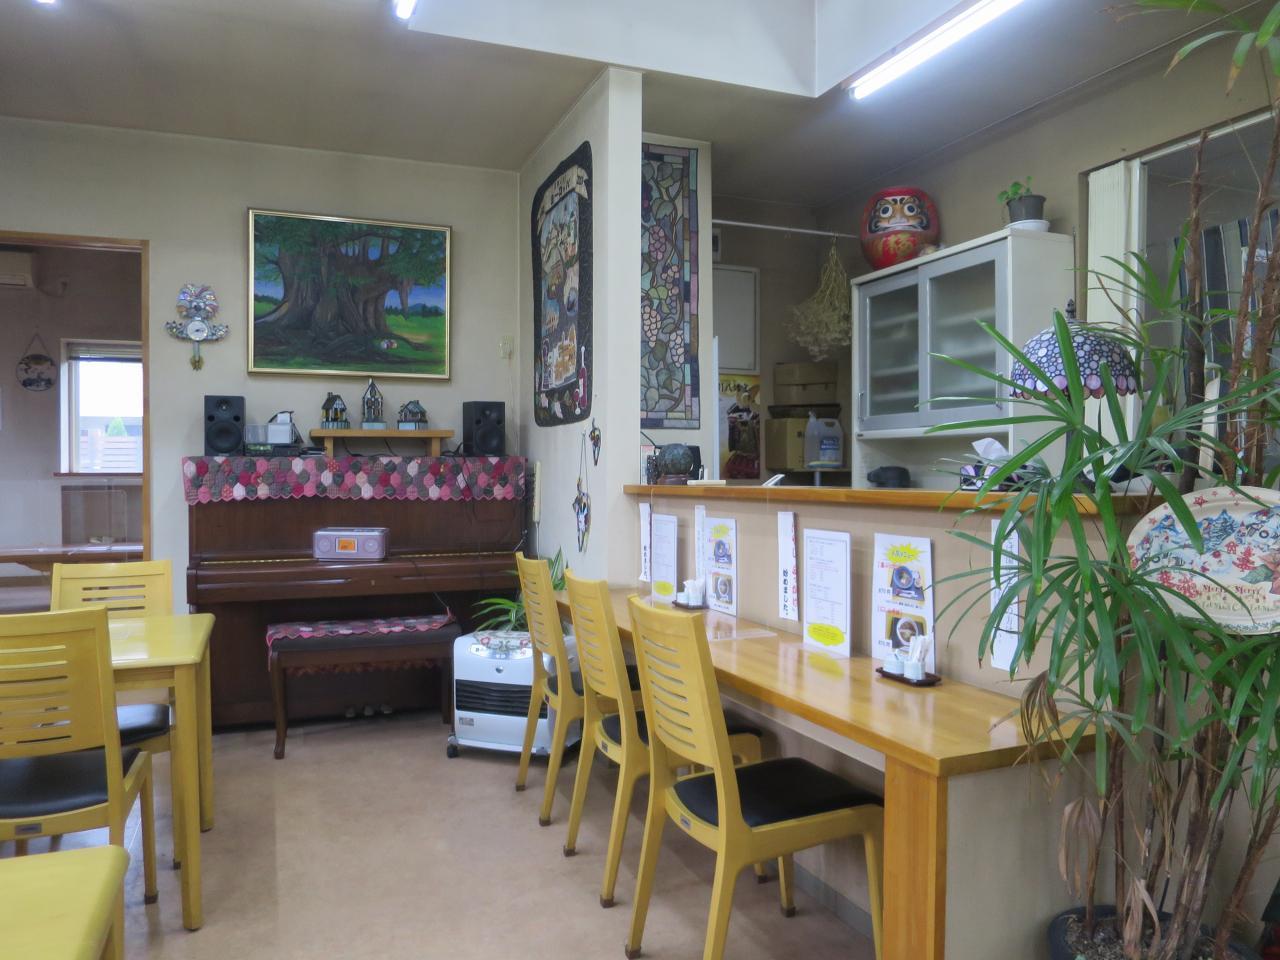 画像: 自宅のような雰囲気にも思える、ゆったりとした雰囲気。ステンドグラスなども素敵